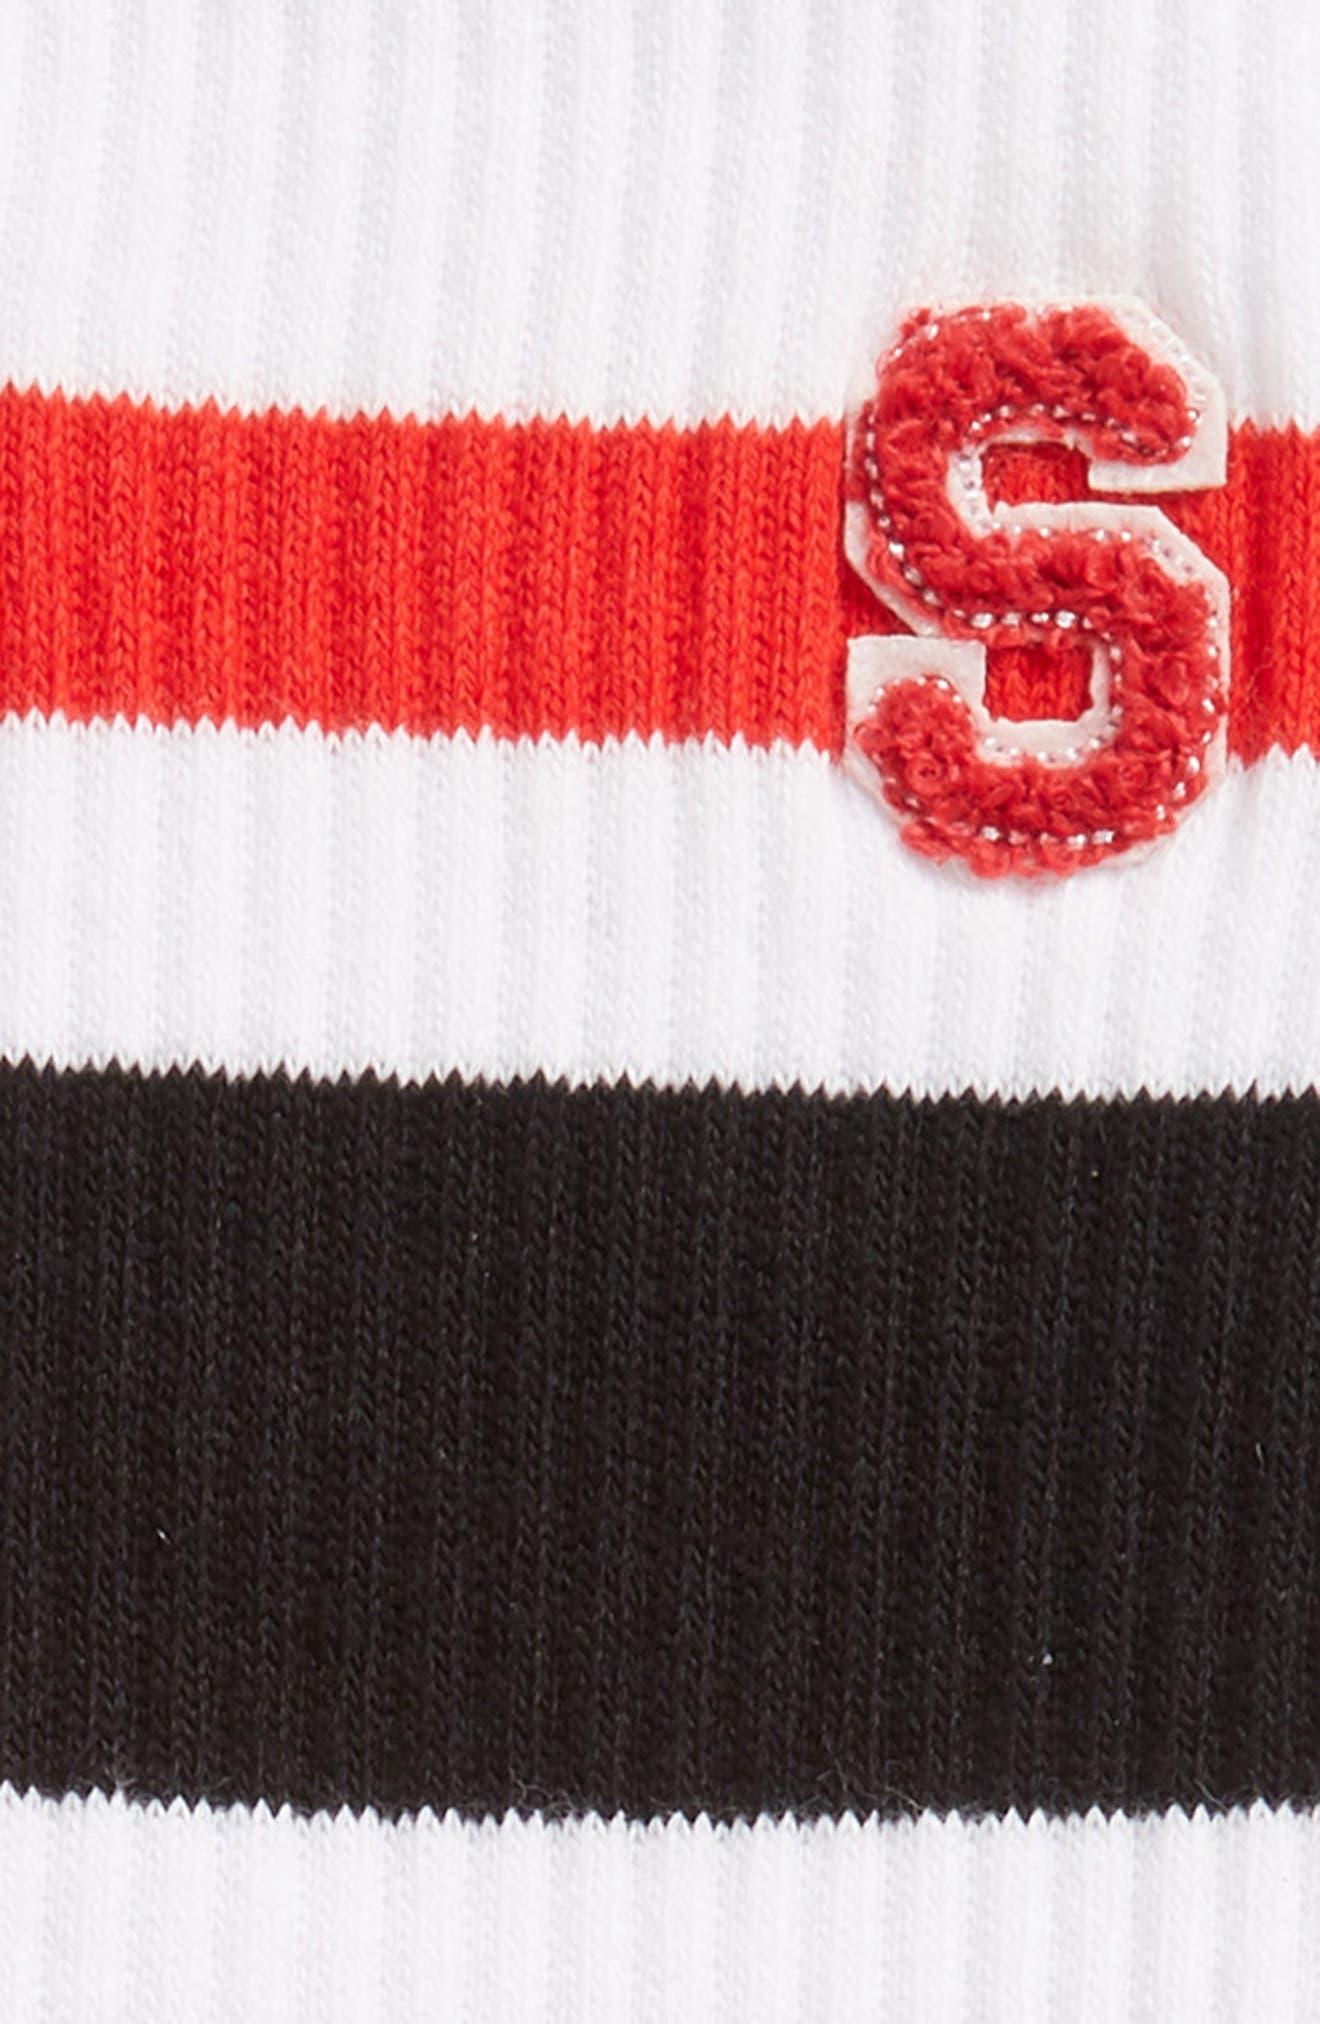 JV Crew Socks,                             Alternate thumbnail 2, color,                             100